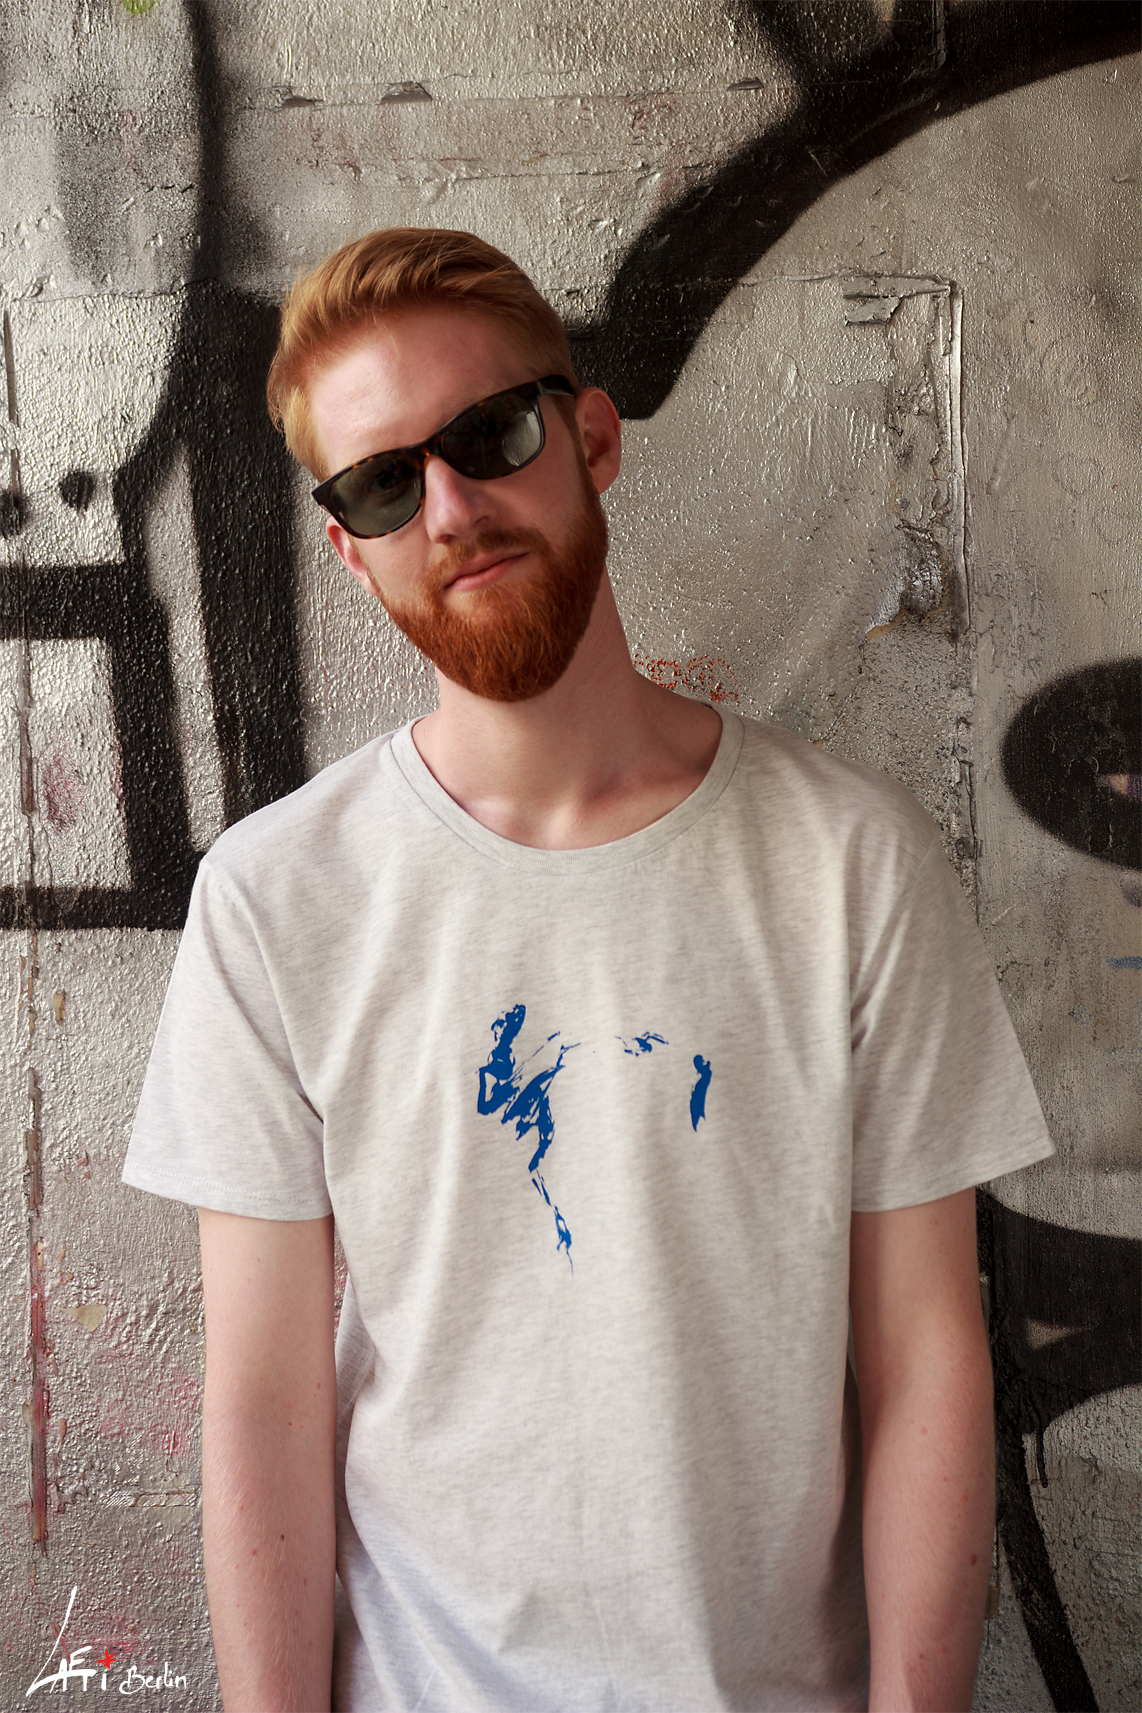 T-shirt-Unisex-Danseur Veloute- White-Mel, Print-Blue-2